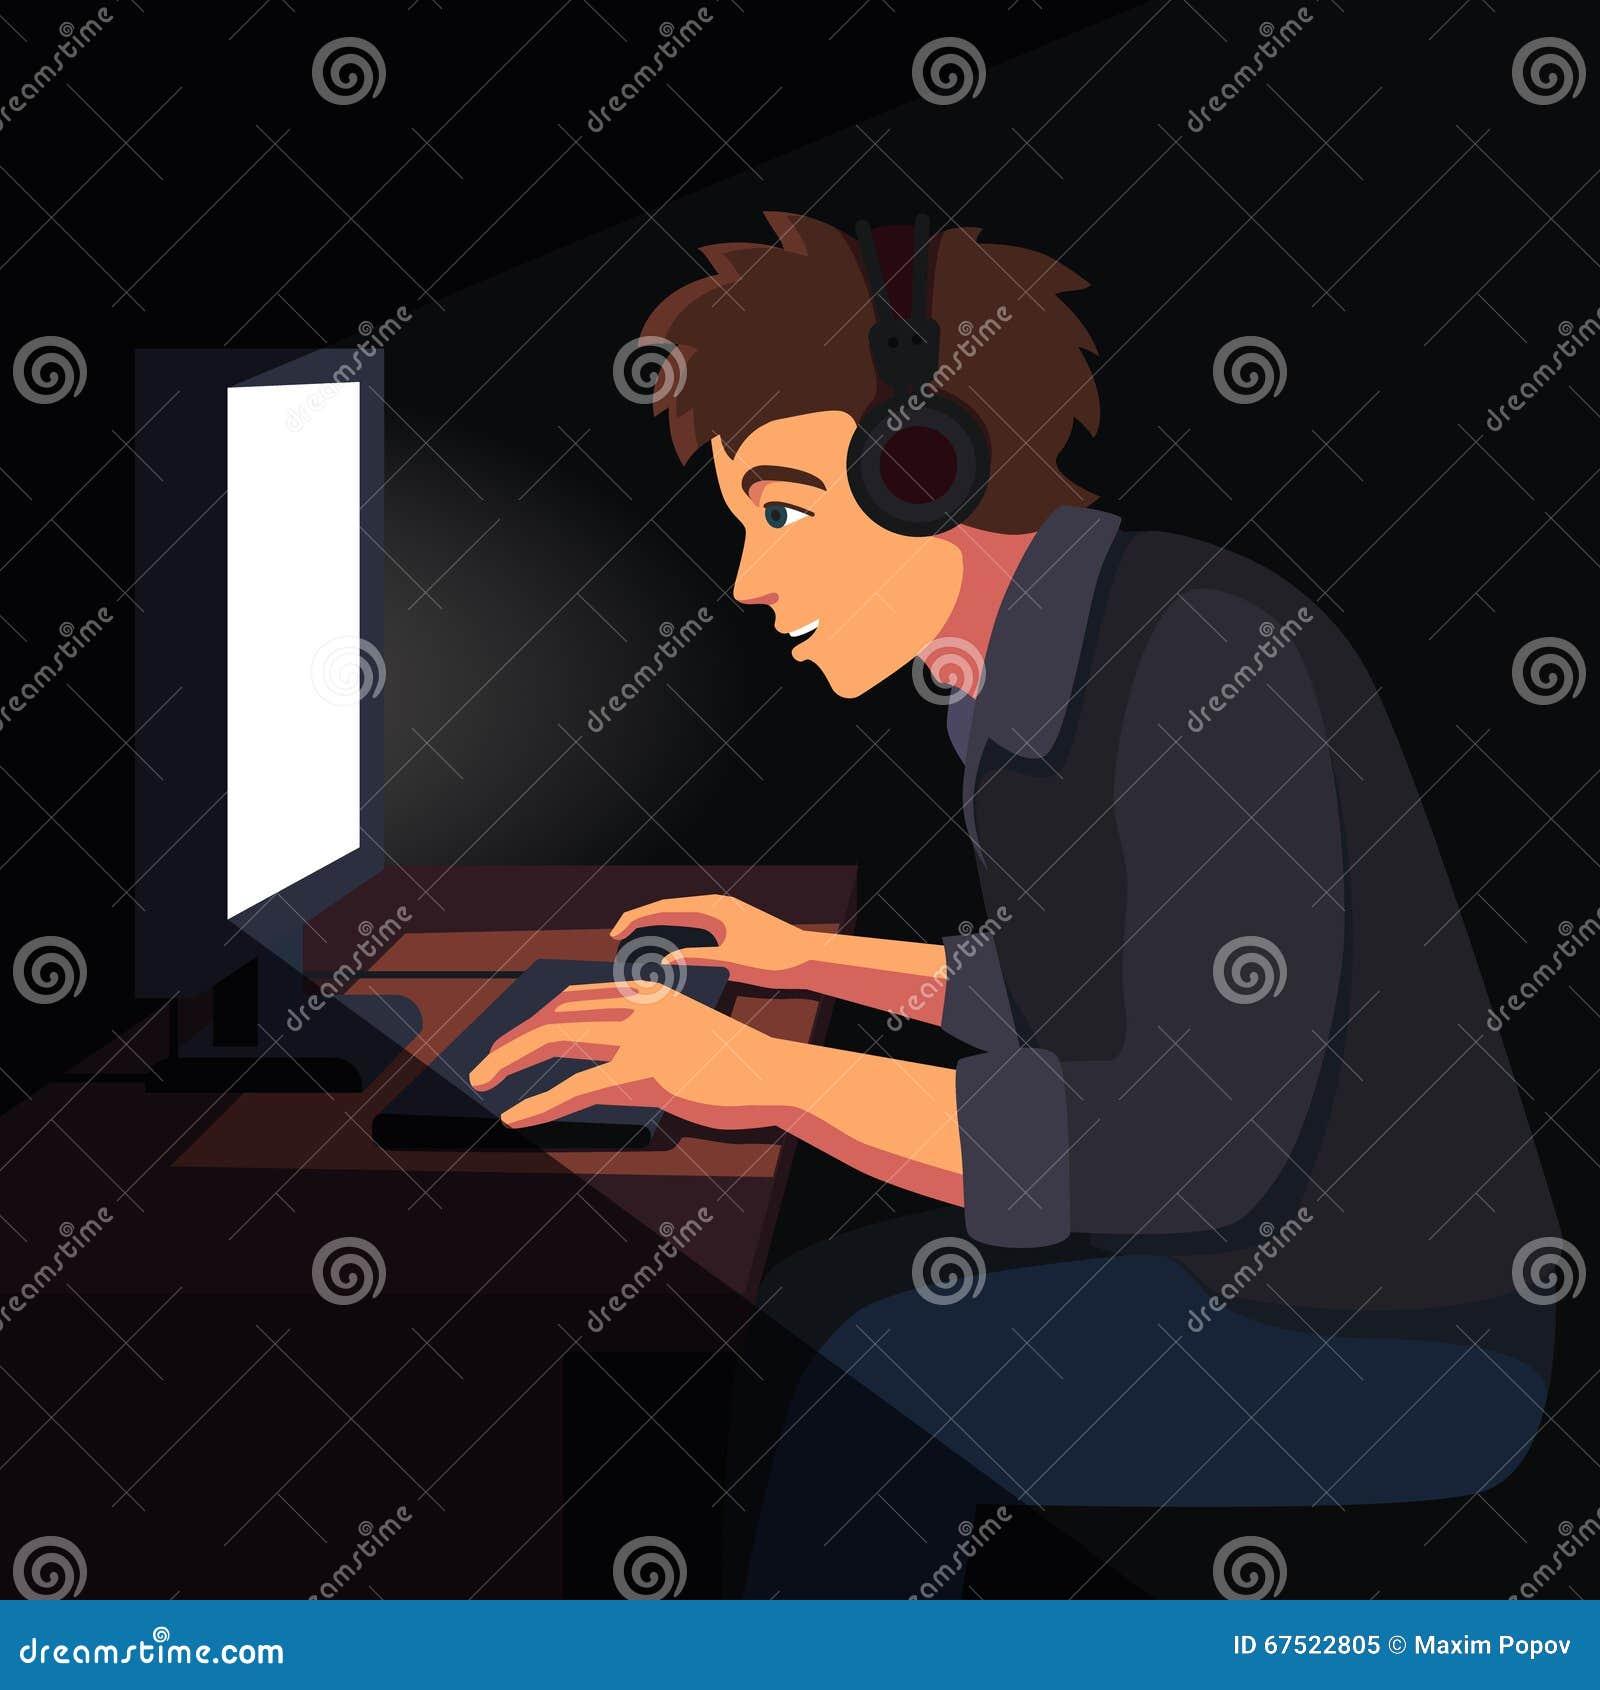 Gamer Room Illustration